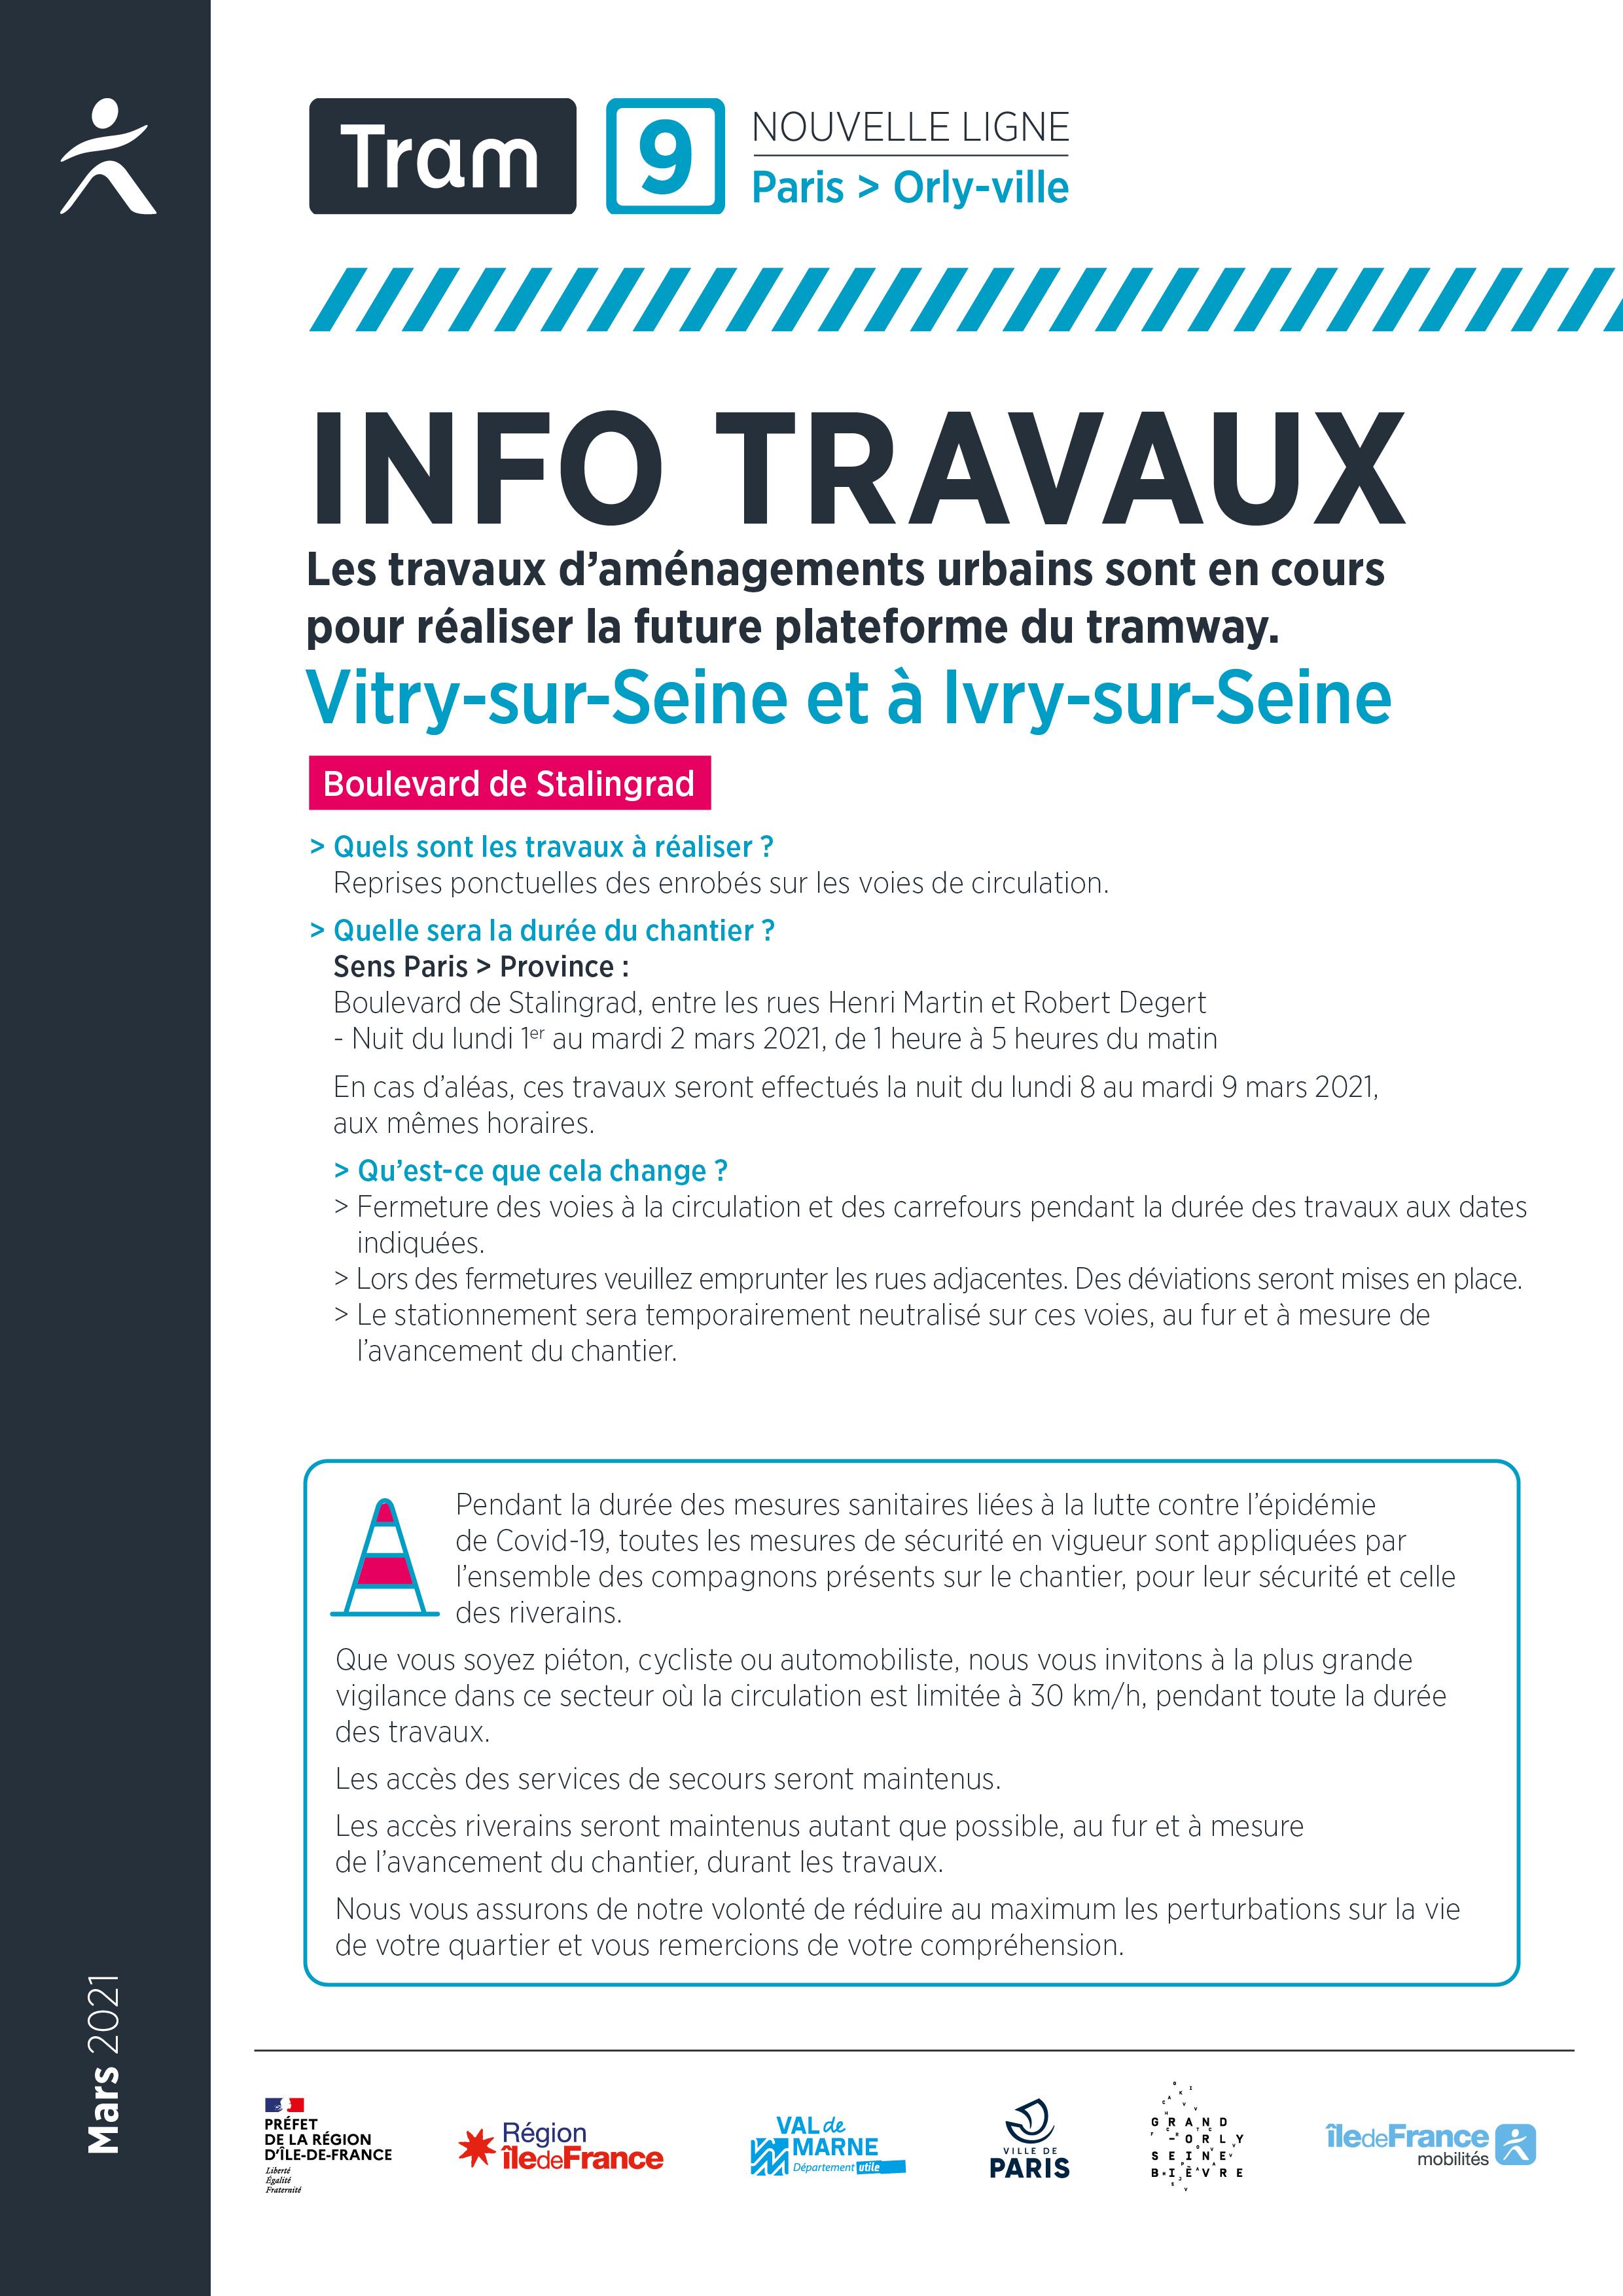 Travaux à Vitry-sur-Seine et à Ivry-sur-Seine, mars 2021